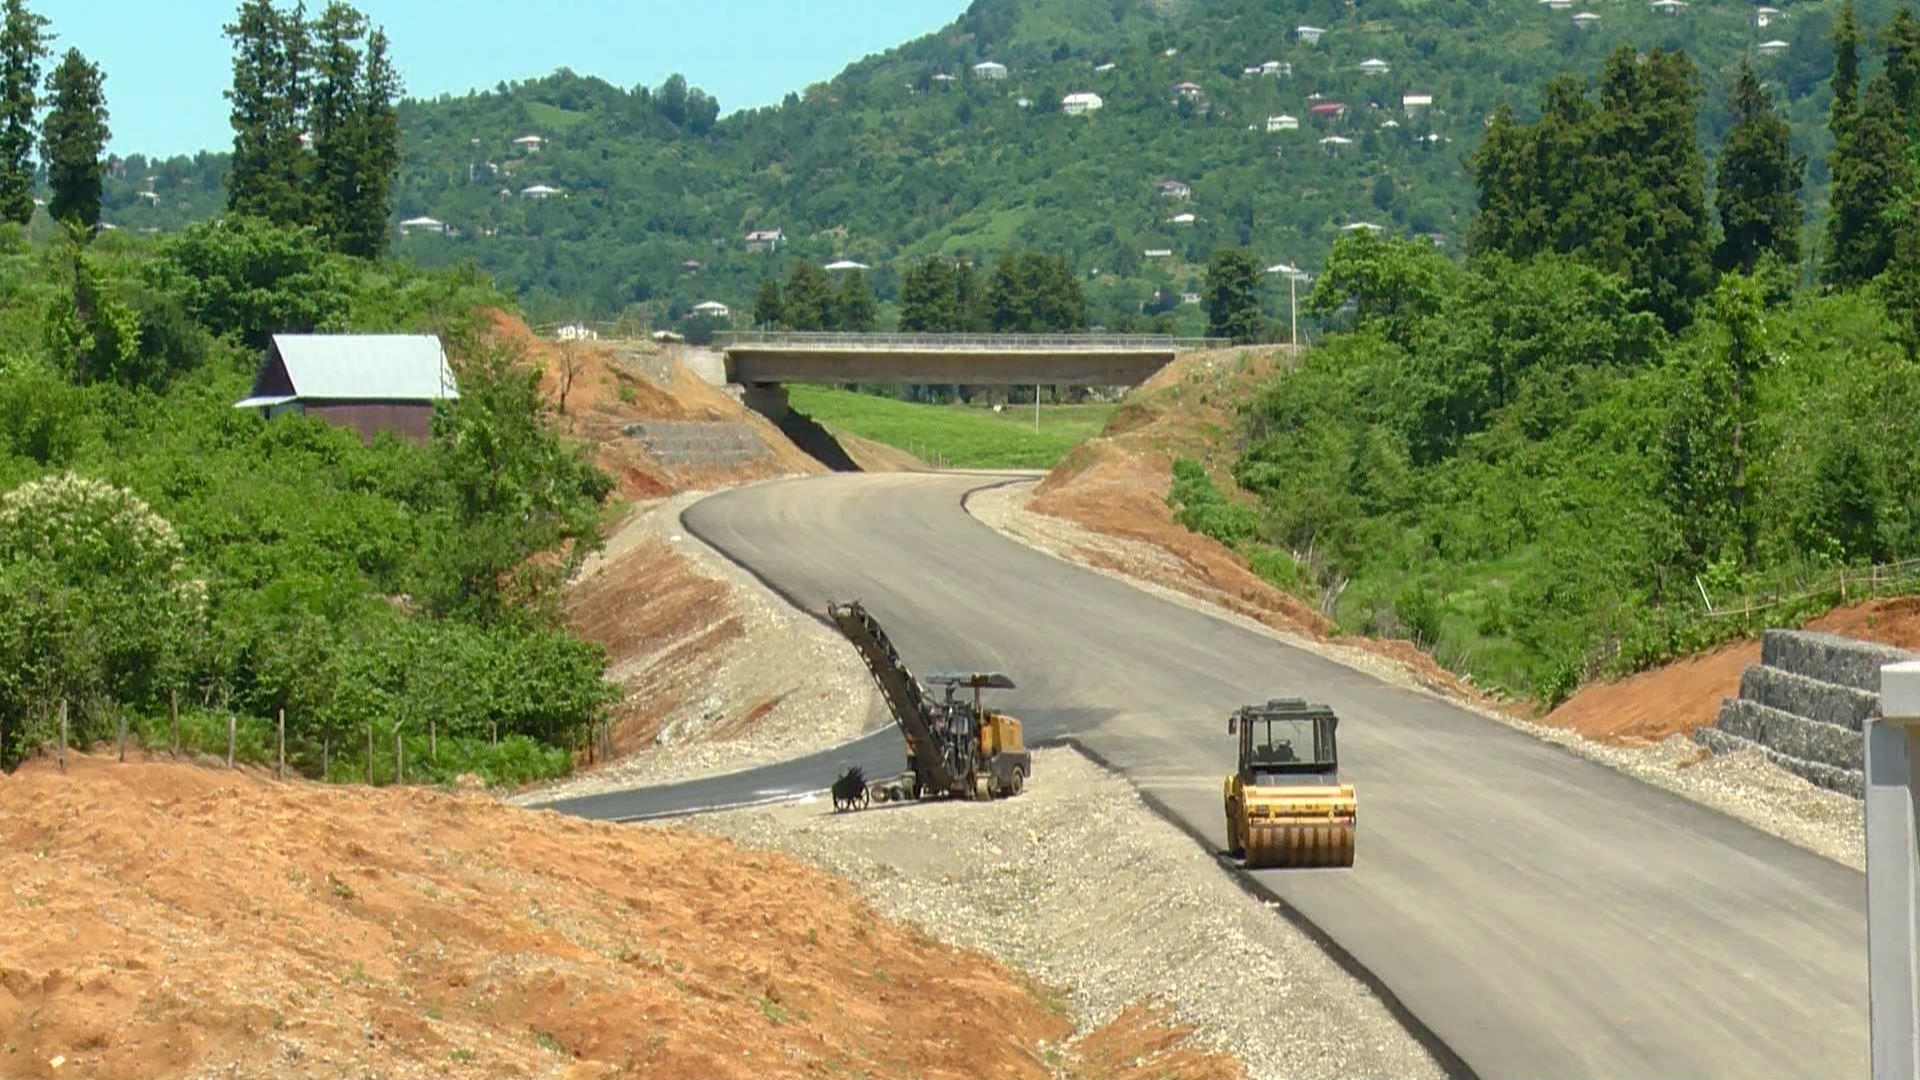 ვინ დააფინანსებს   ავტობანის მშენებლობის პროექტს